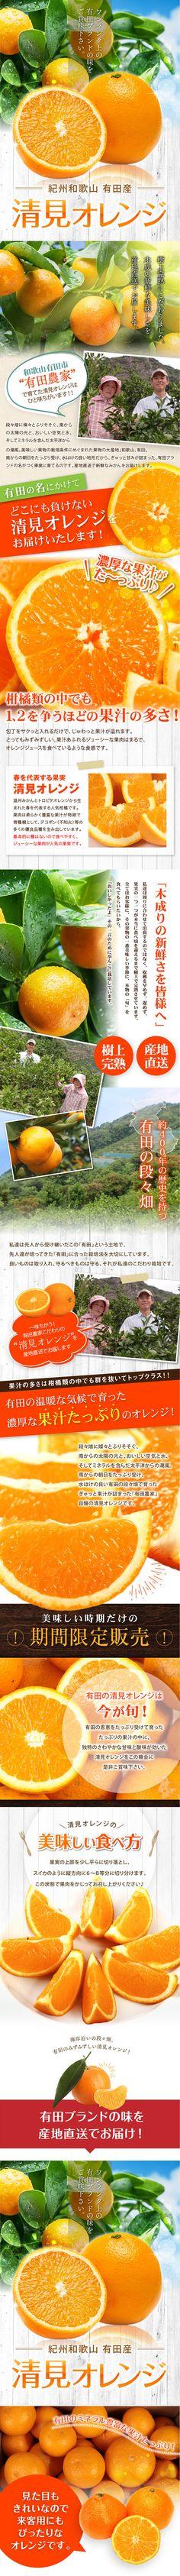 有田産 清見オレンジ